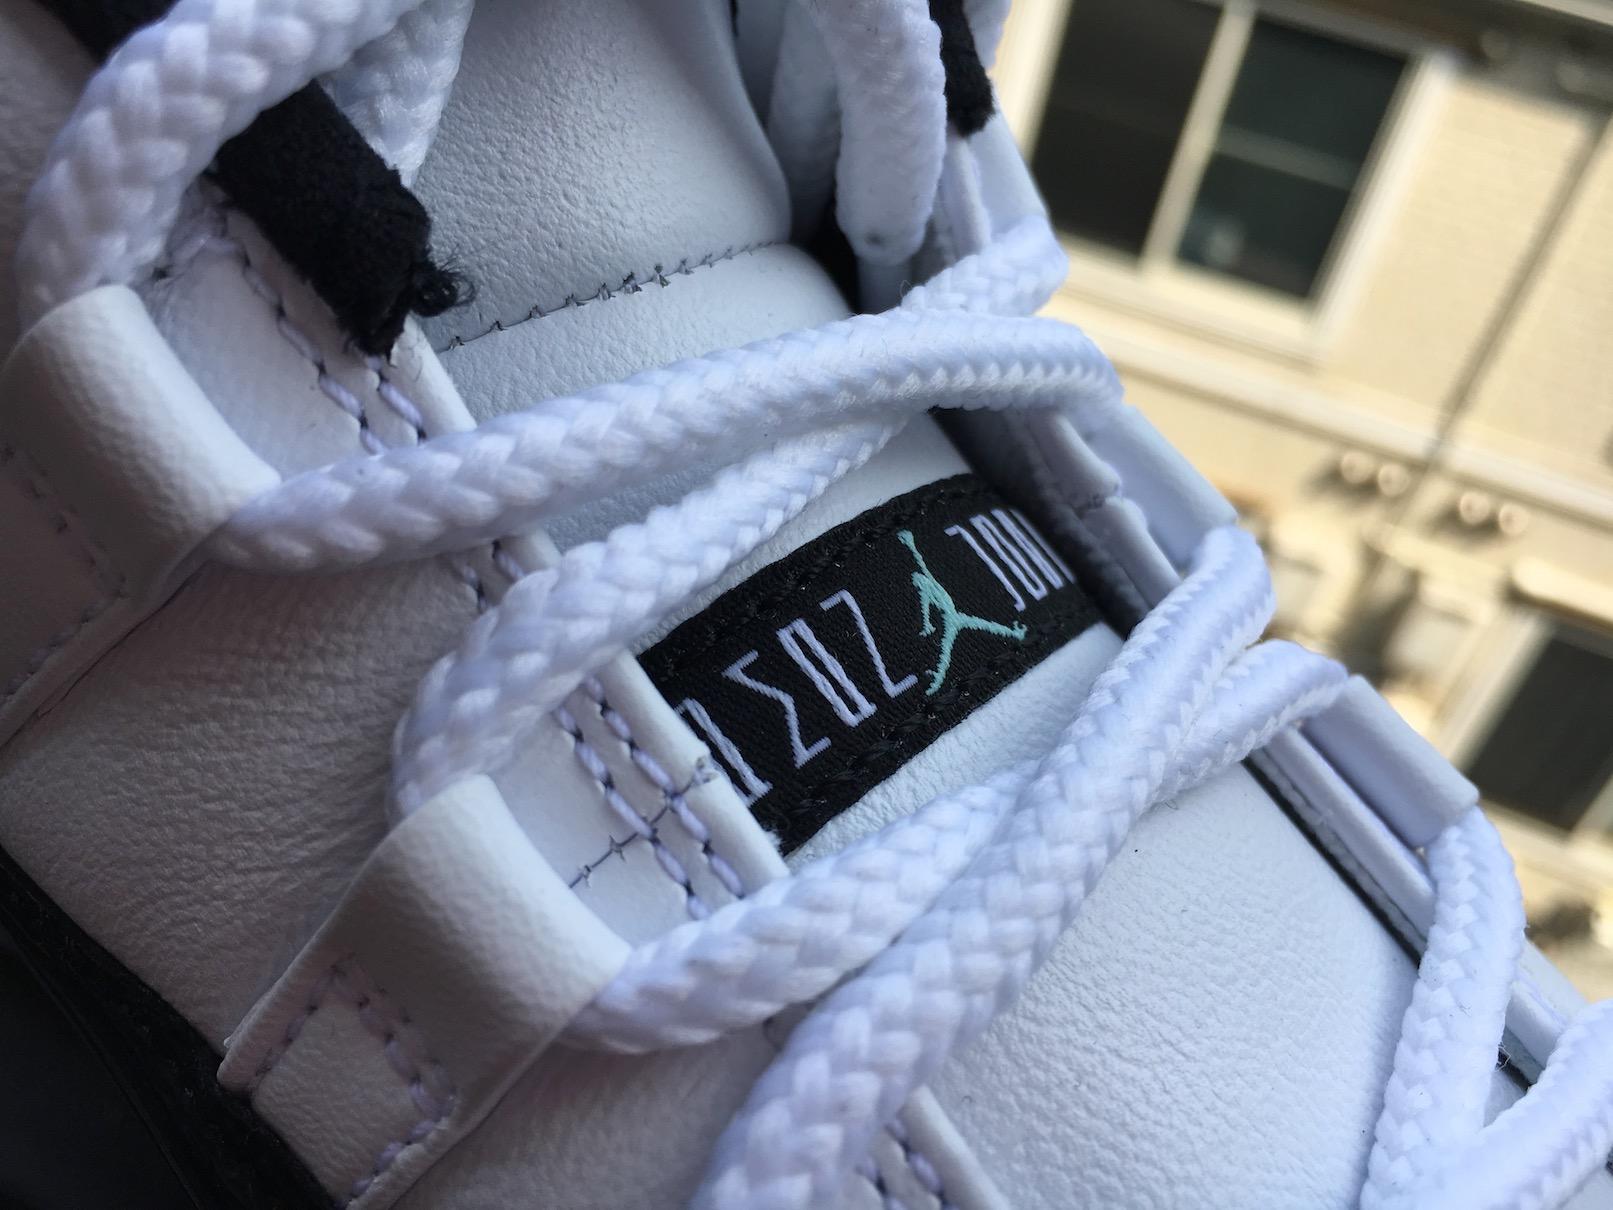 """Nike Air Jordan 11 Low """"Iridescent / Easter """"(ナイキ エアジョーダン11 ロー """"玉虫色 / イースター"""")"""